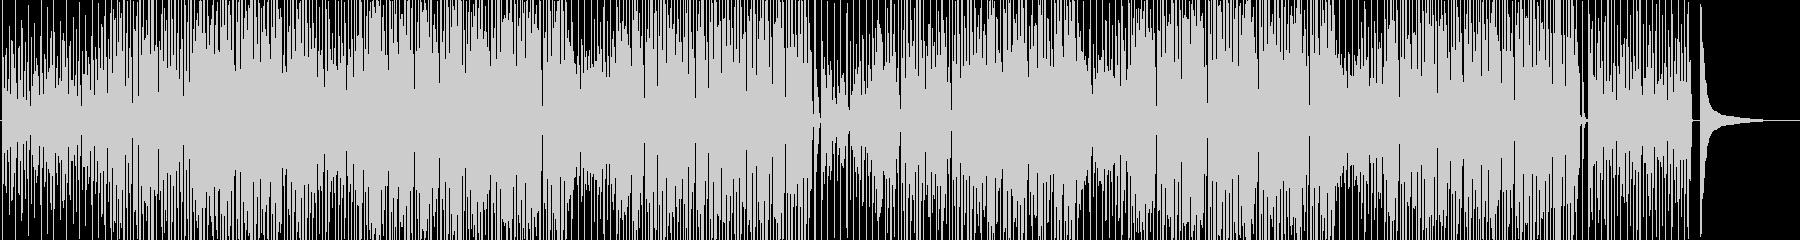 ■軽快・ウクレレポップ♬・料理・森・CMの未再生の波形